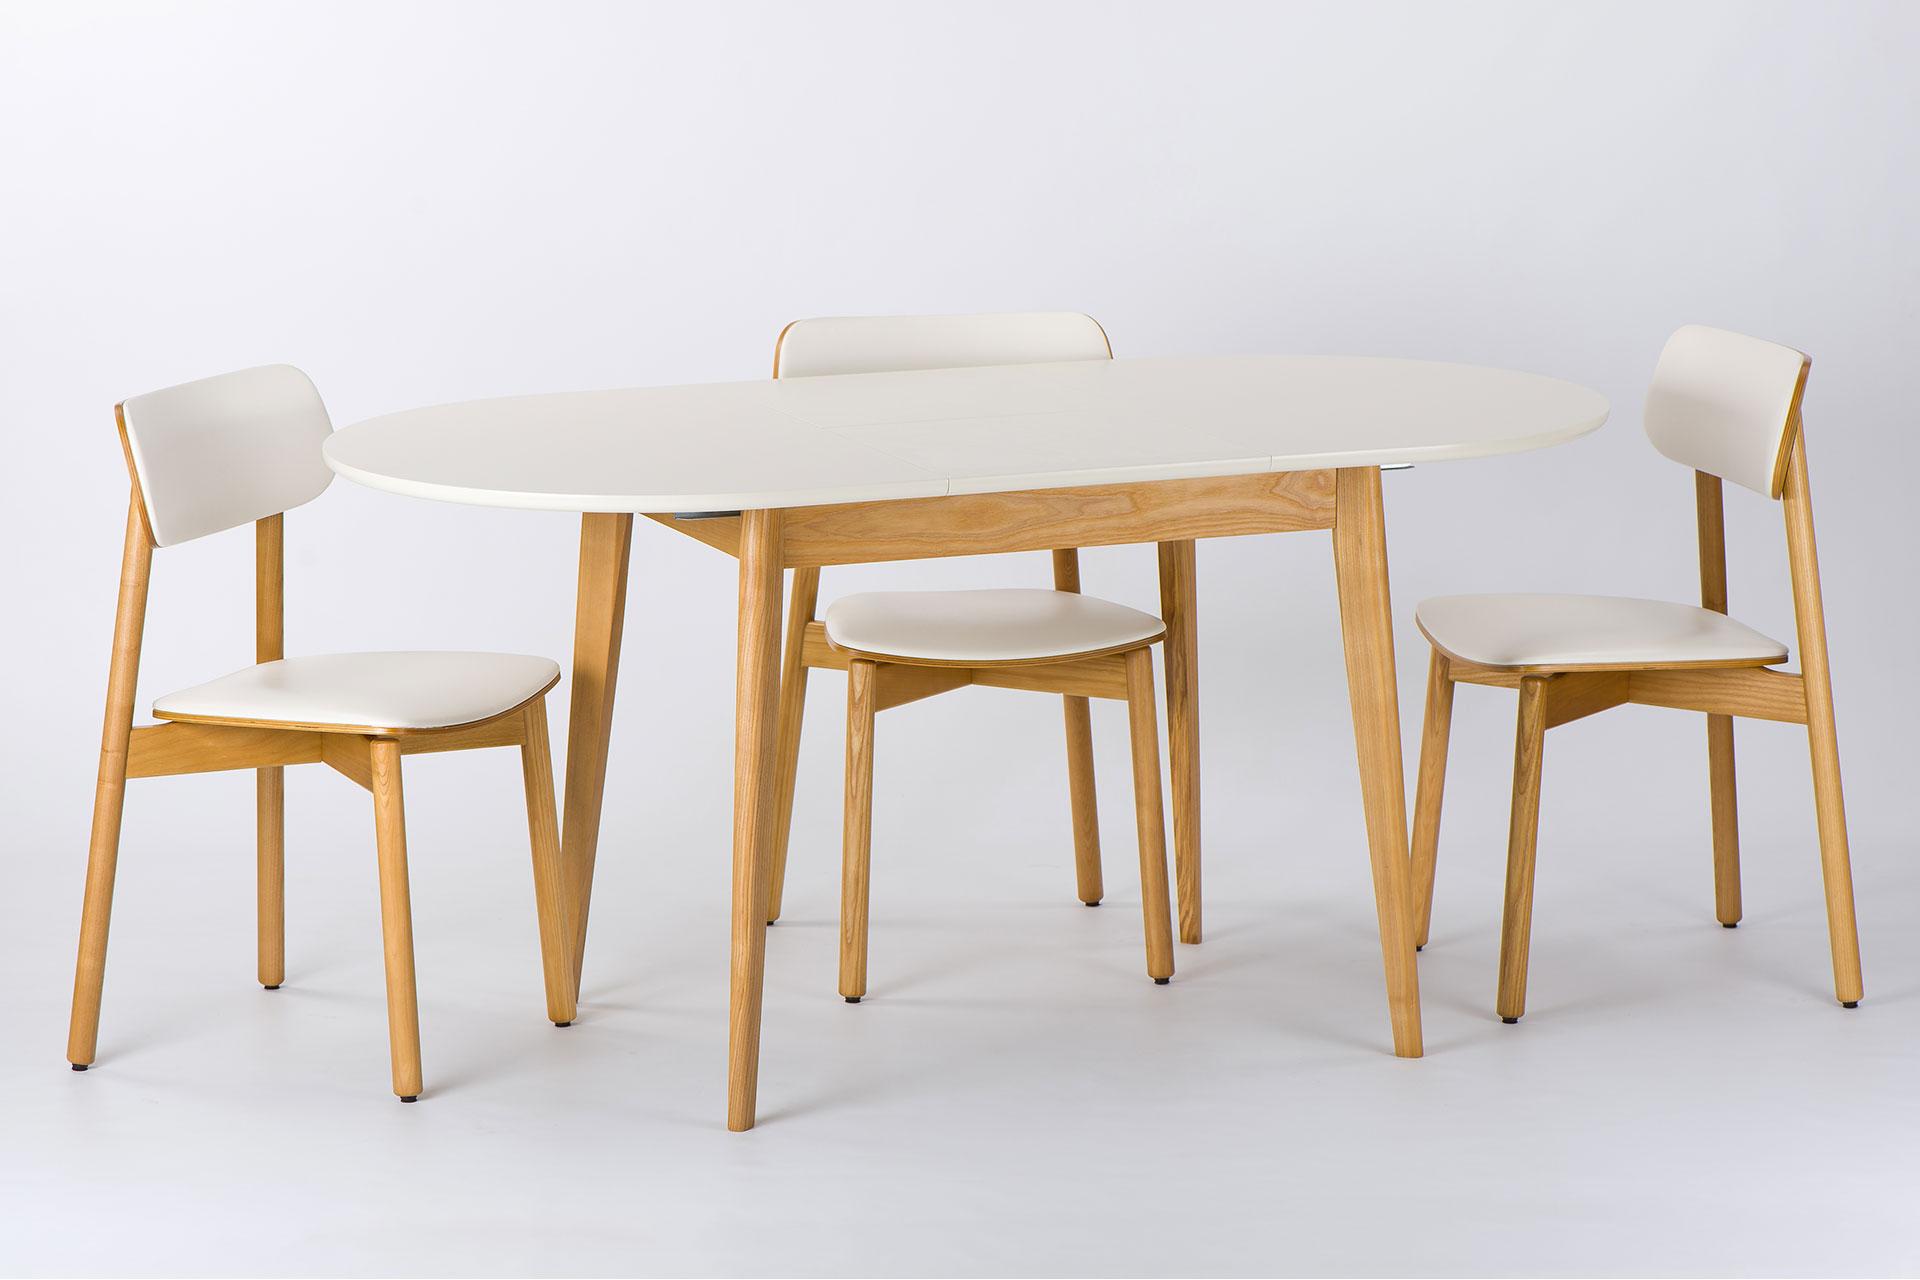 Кухонный комплект: овальный стол Турин с белой столешницей и деревянные стулья Икс с мягкой белой сидушкой и спинкой